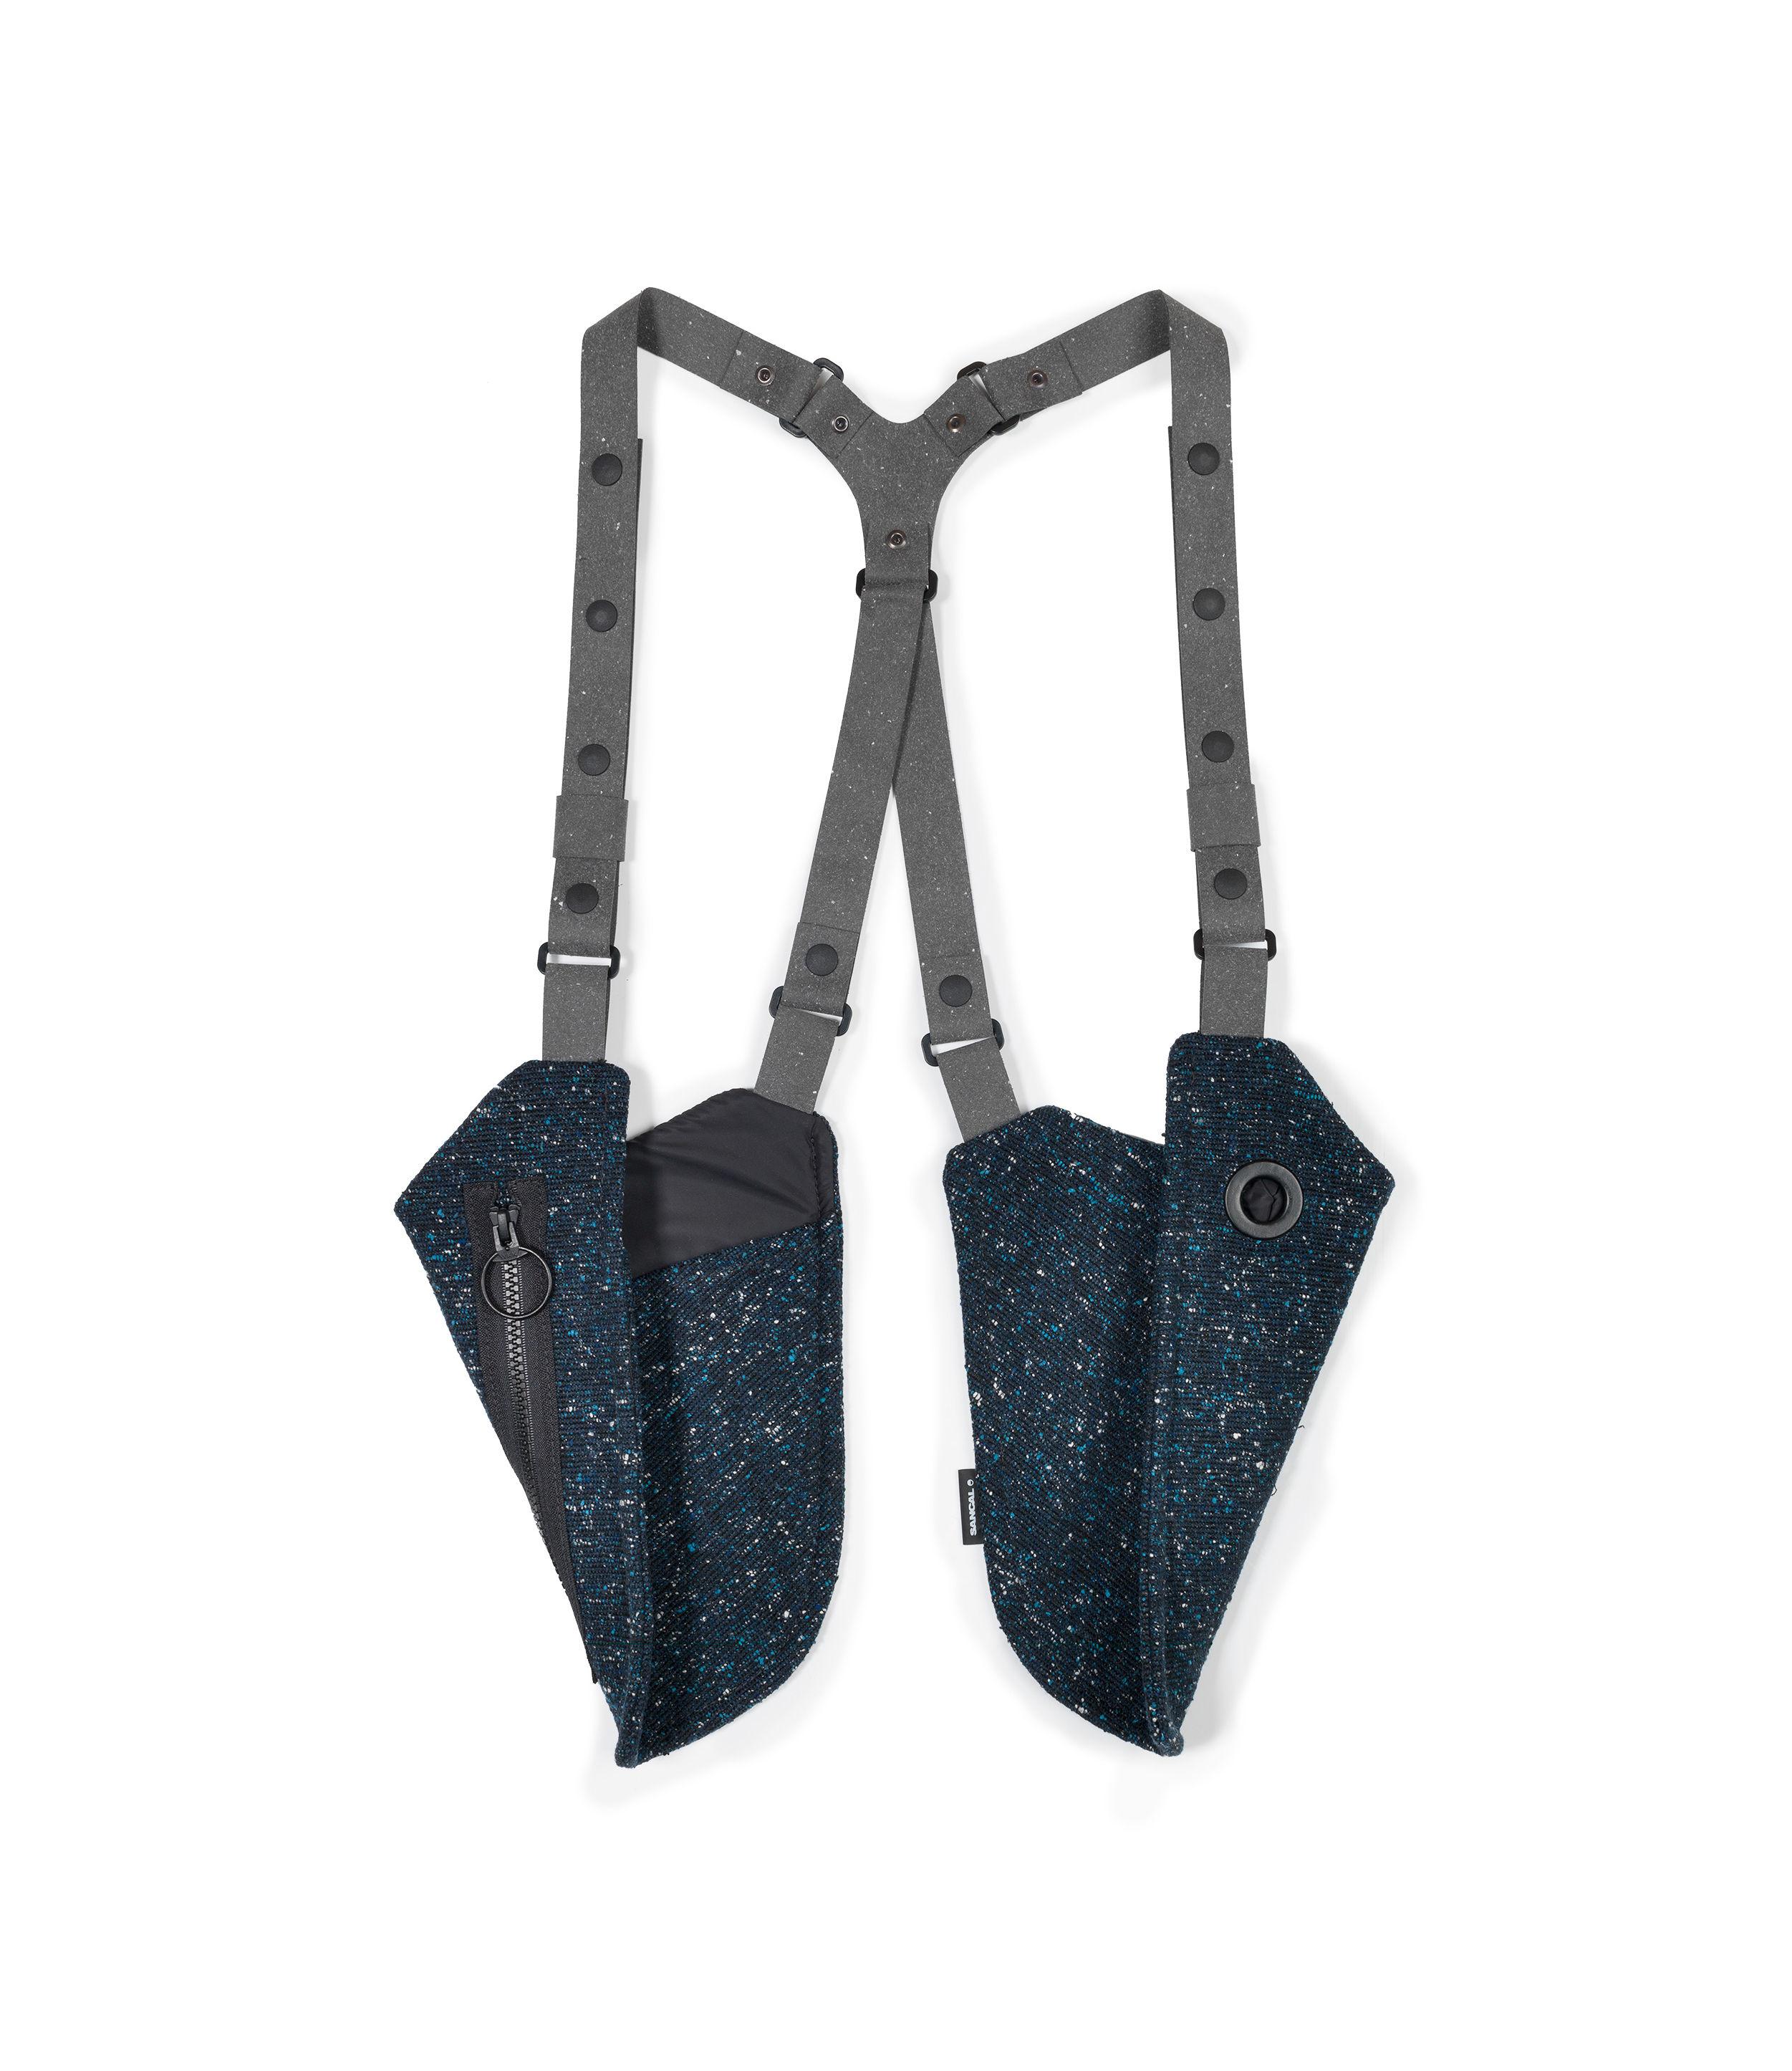 Accessoires - Taschen, Kulturbeutel und Geldbörsen - Sin Pistols Umhängetasche / 2 Taschen - Sancal - Marineblau - Leder, recycelt, Polyesterfaser